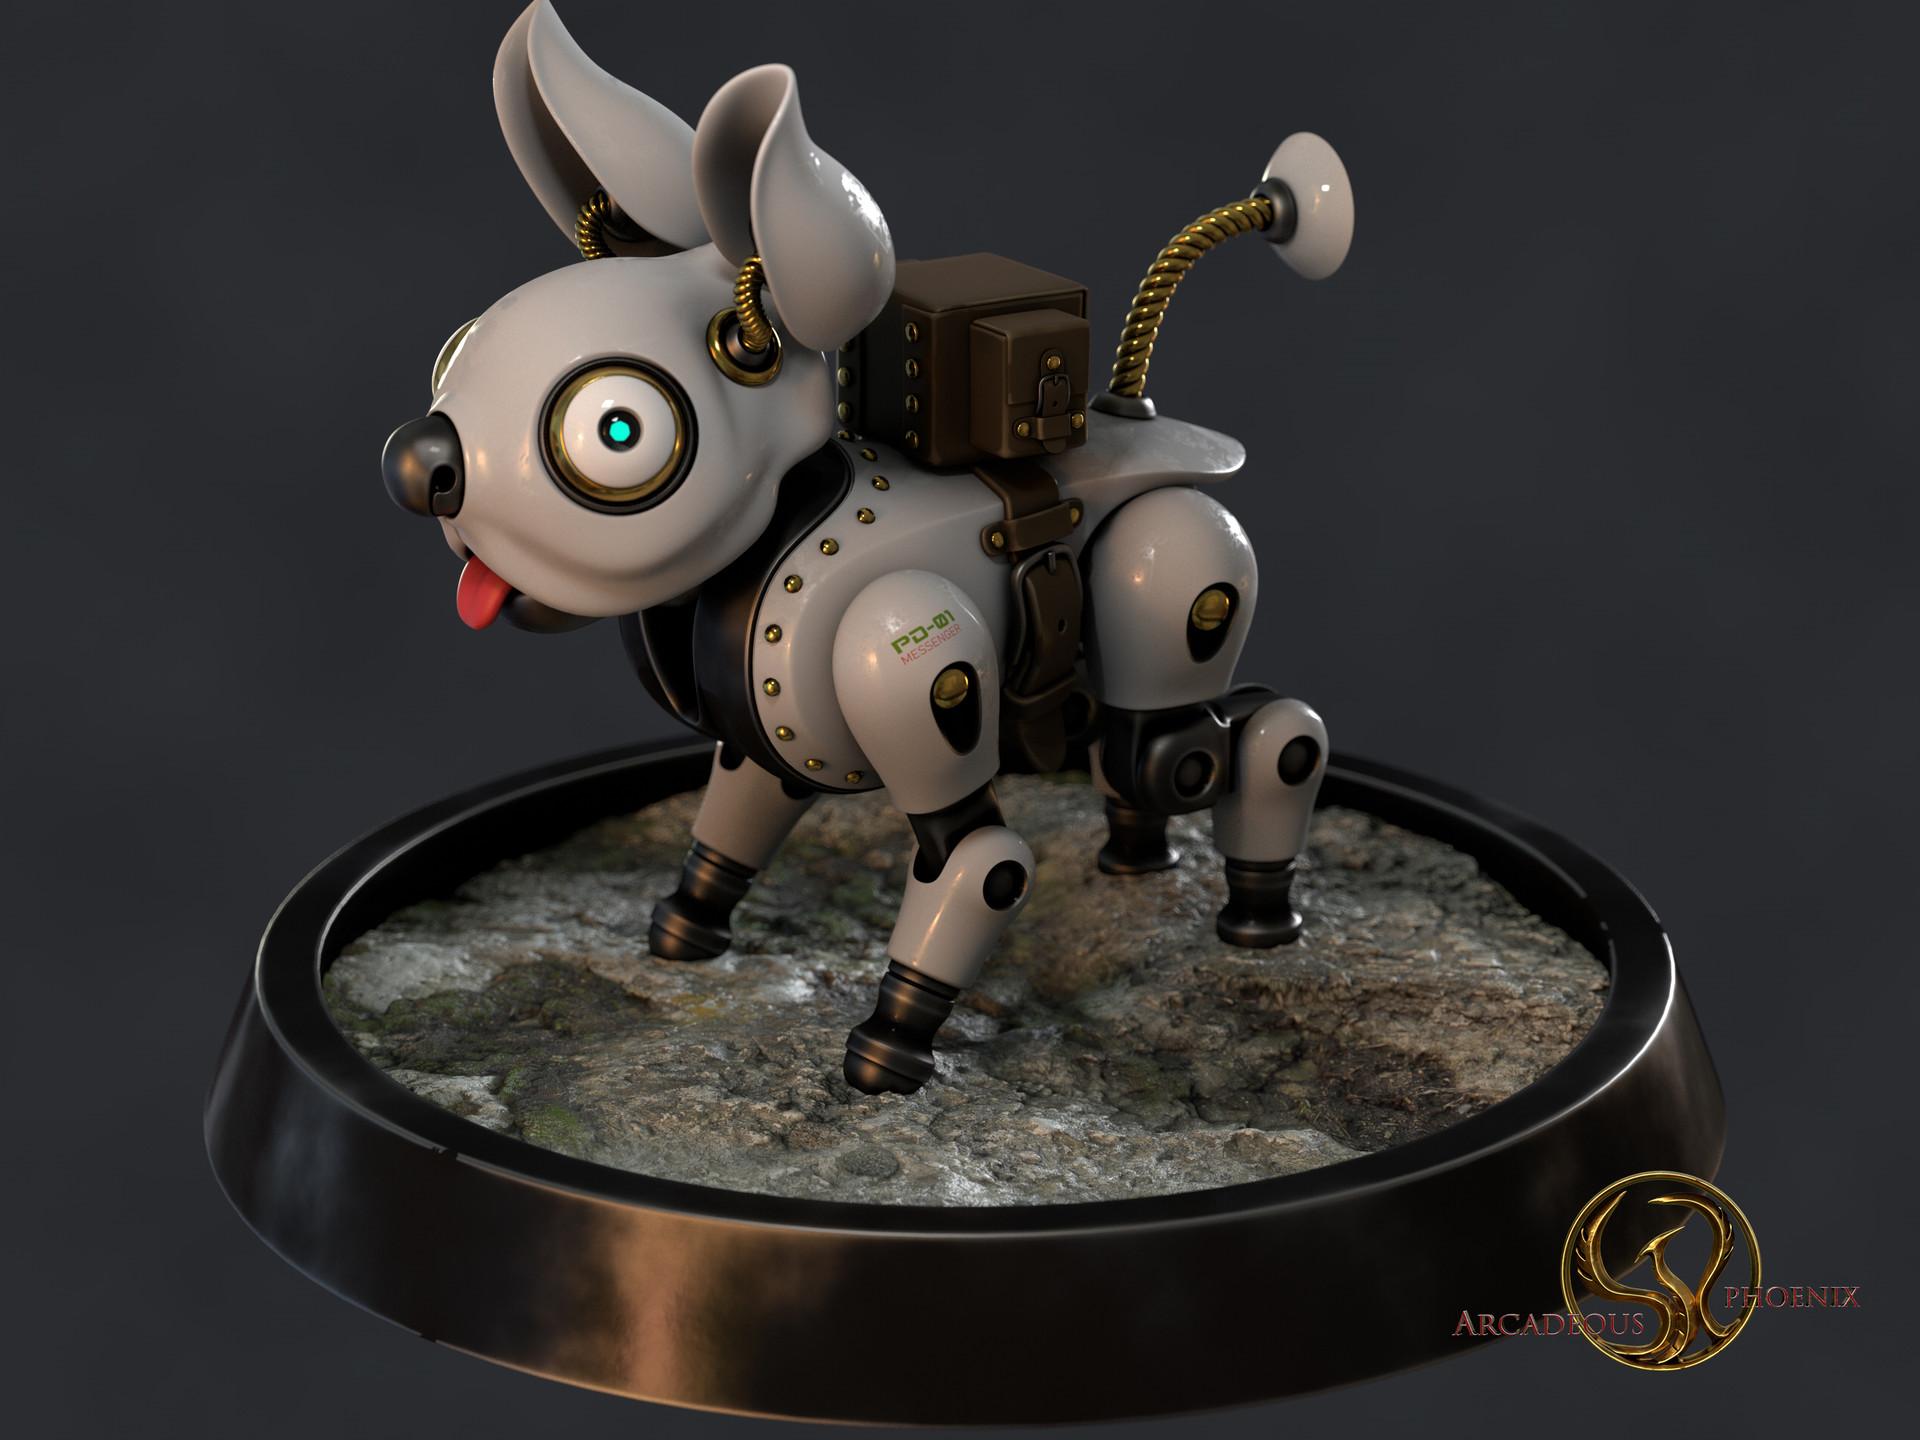 Arcadeous phoenix puppy b messenger 0021